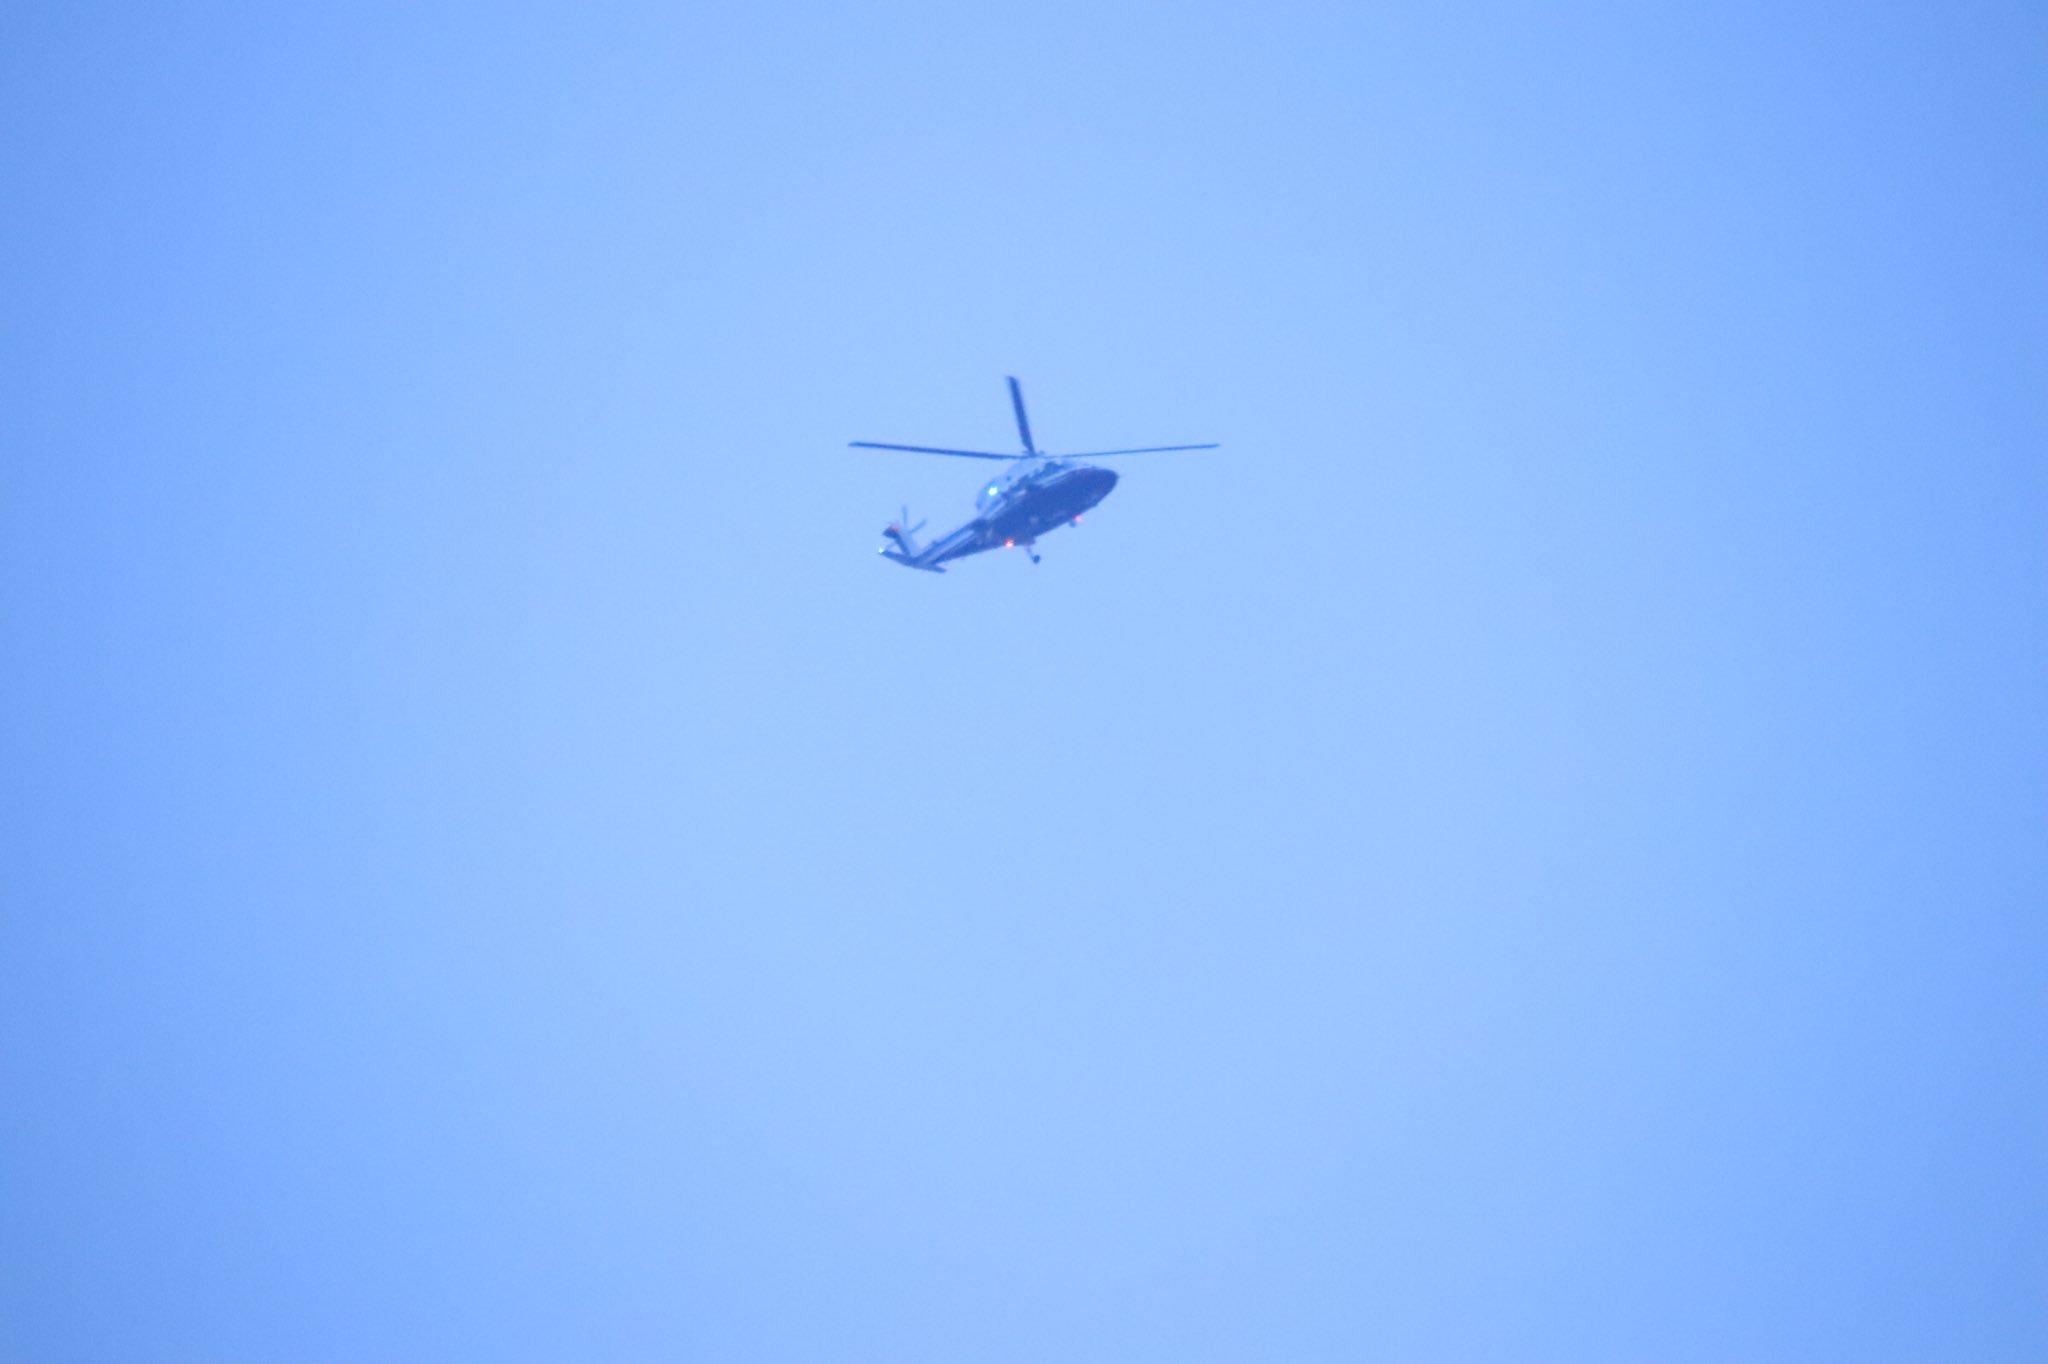 画像,ずーーーーーーーっと上空をヘリが旋回してたので撮ったけど…外環で事故だったのね😓 https://t.co/XhINoLRaLR…